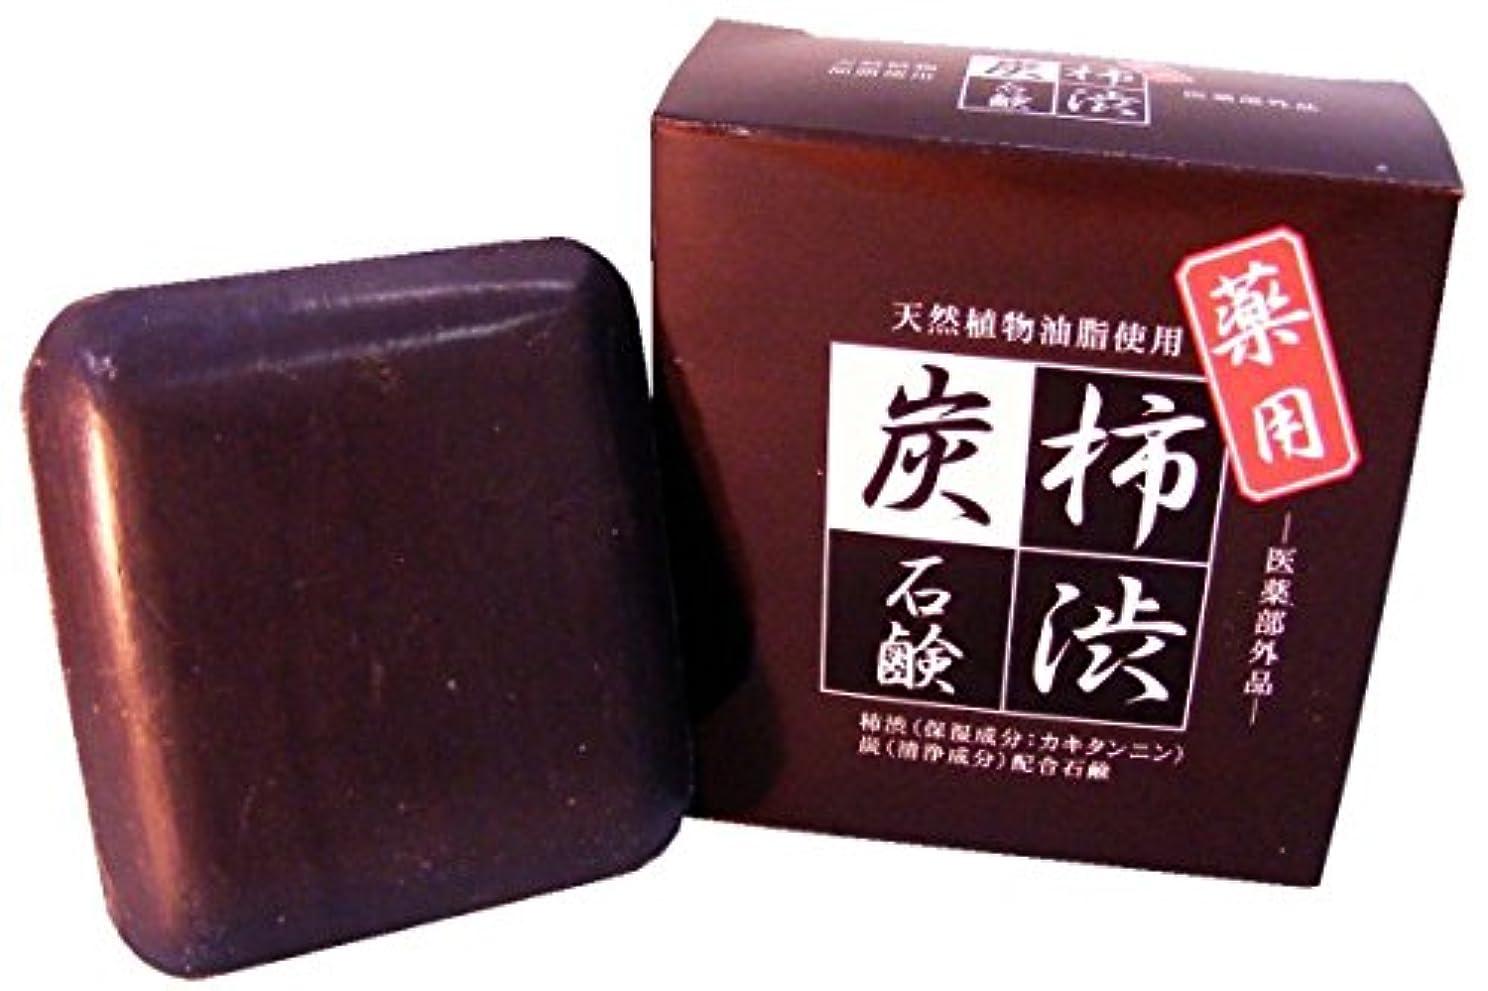 小包素晴らしい良い多くのすり減るラポール 薬用 柿渋炭石鹸 90g